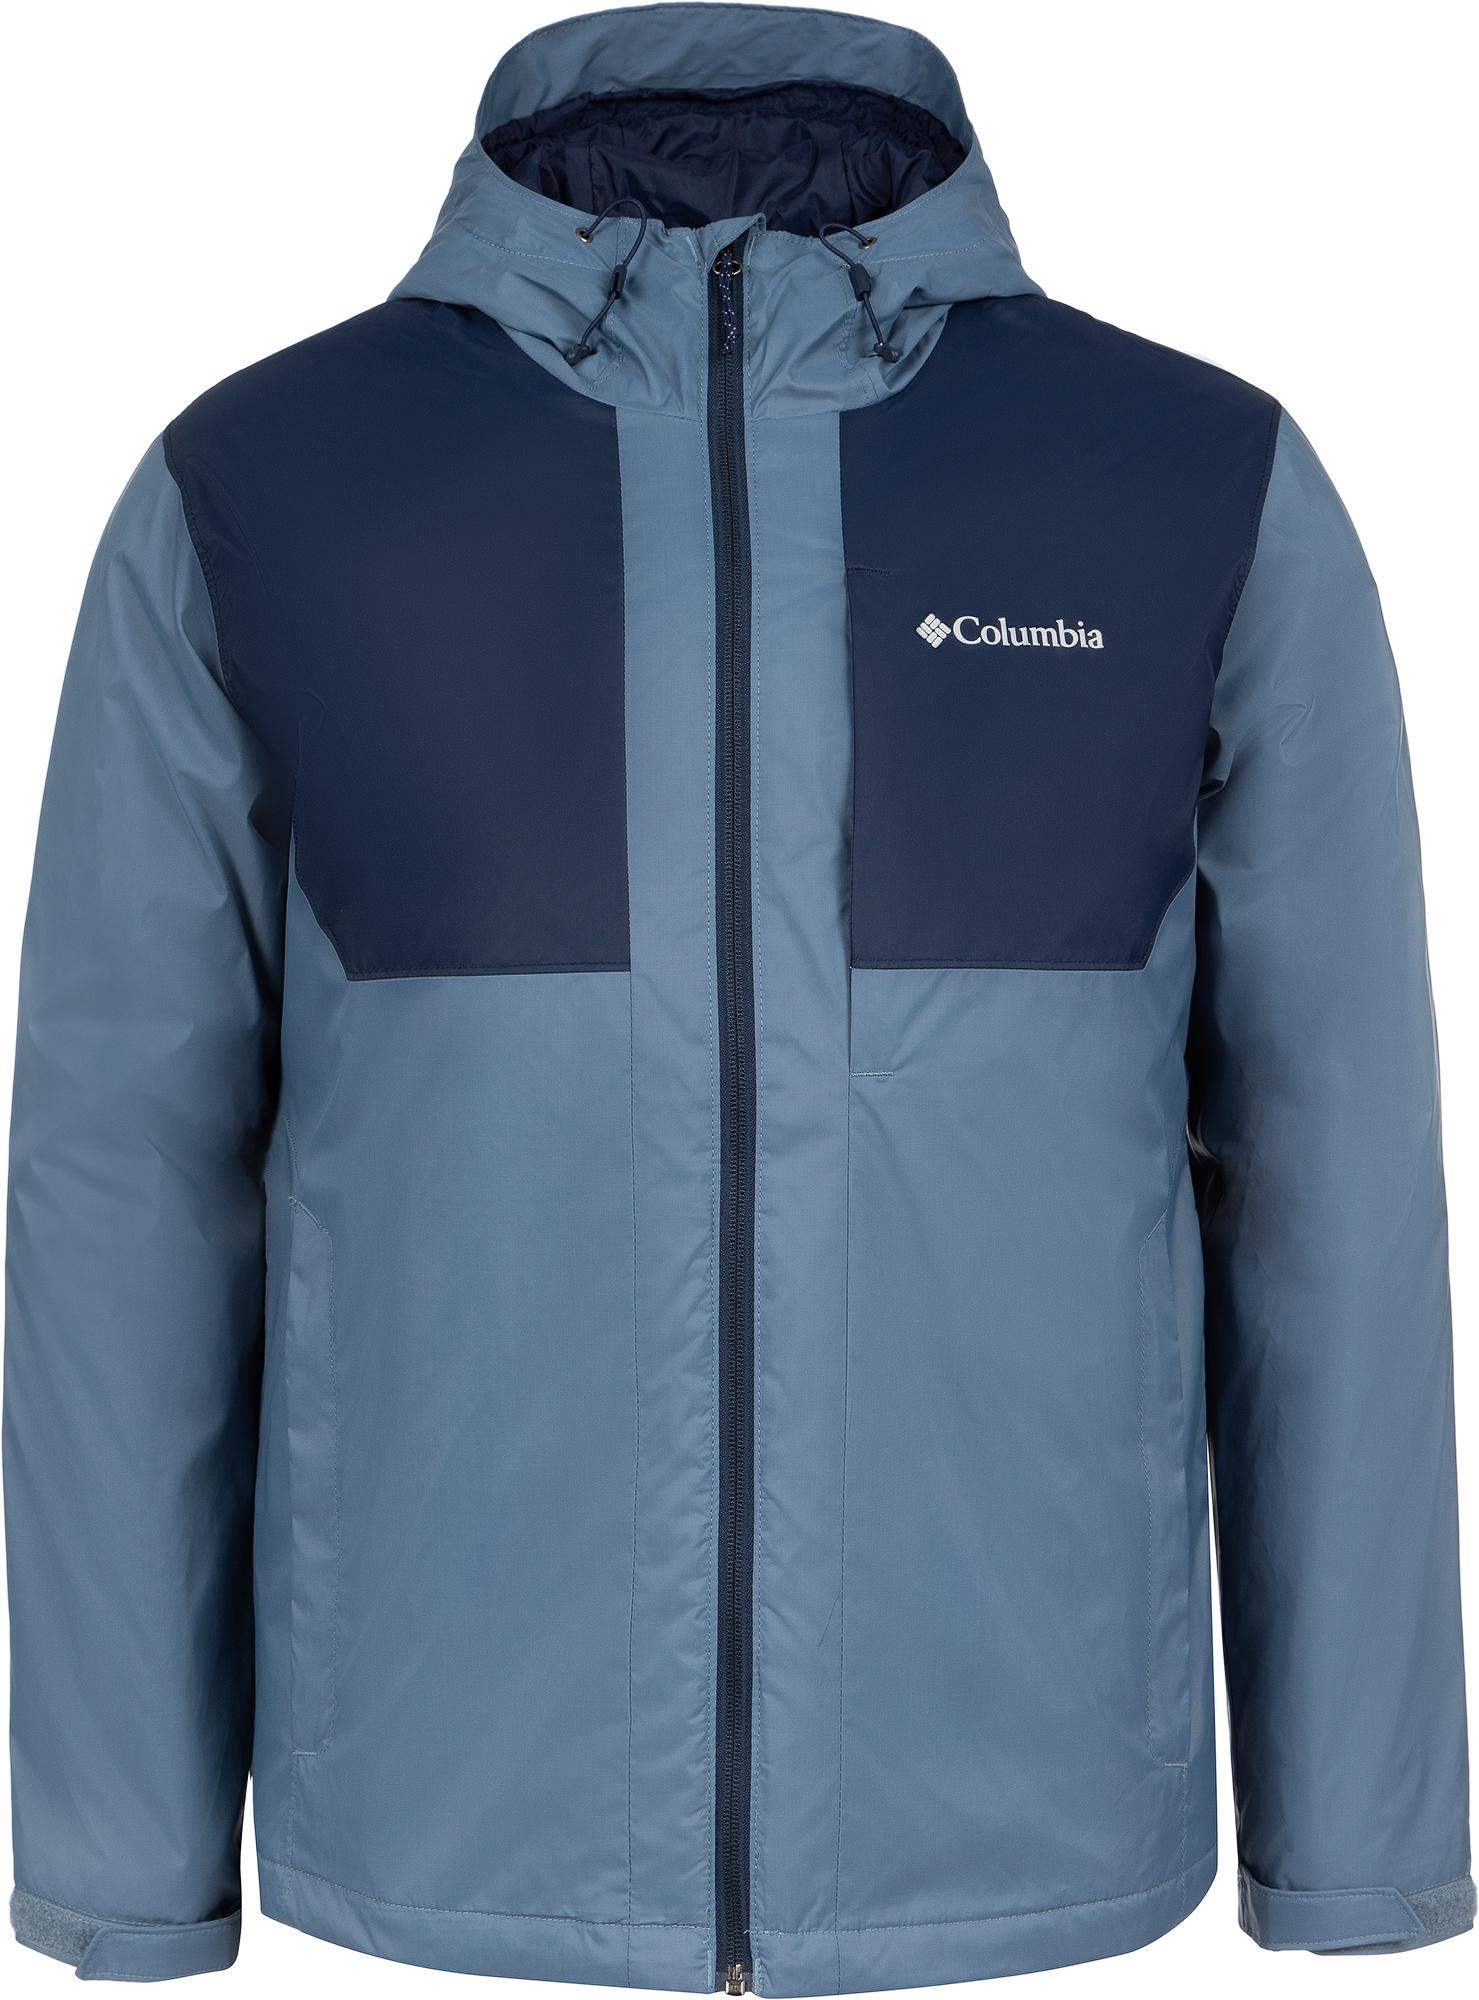 Фото - Columbia Куртка утепленная мужская Columbia Straight Line™, размер 54 куртка утепленная columbia columbia co214emgevw0